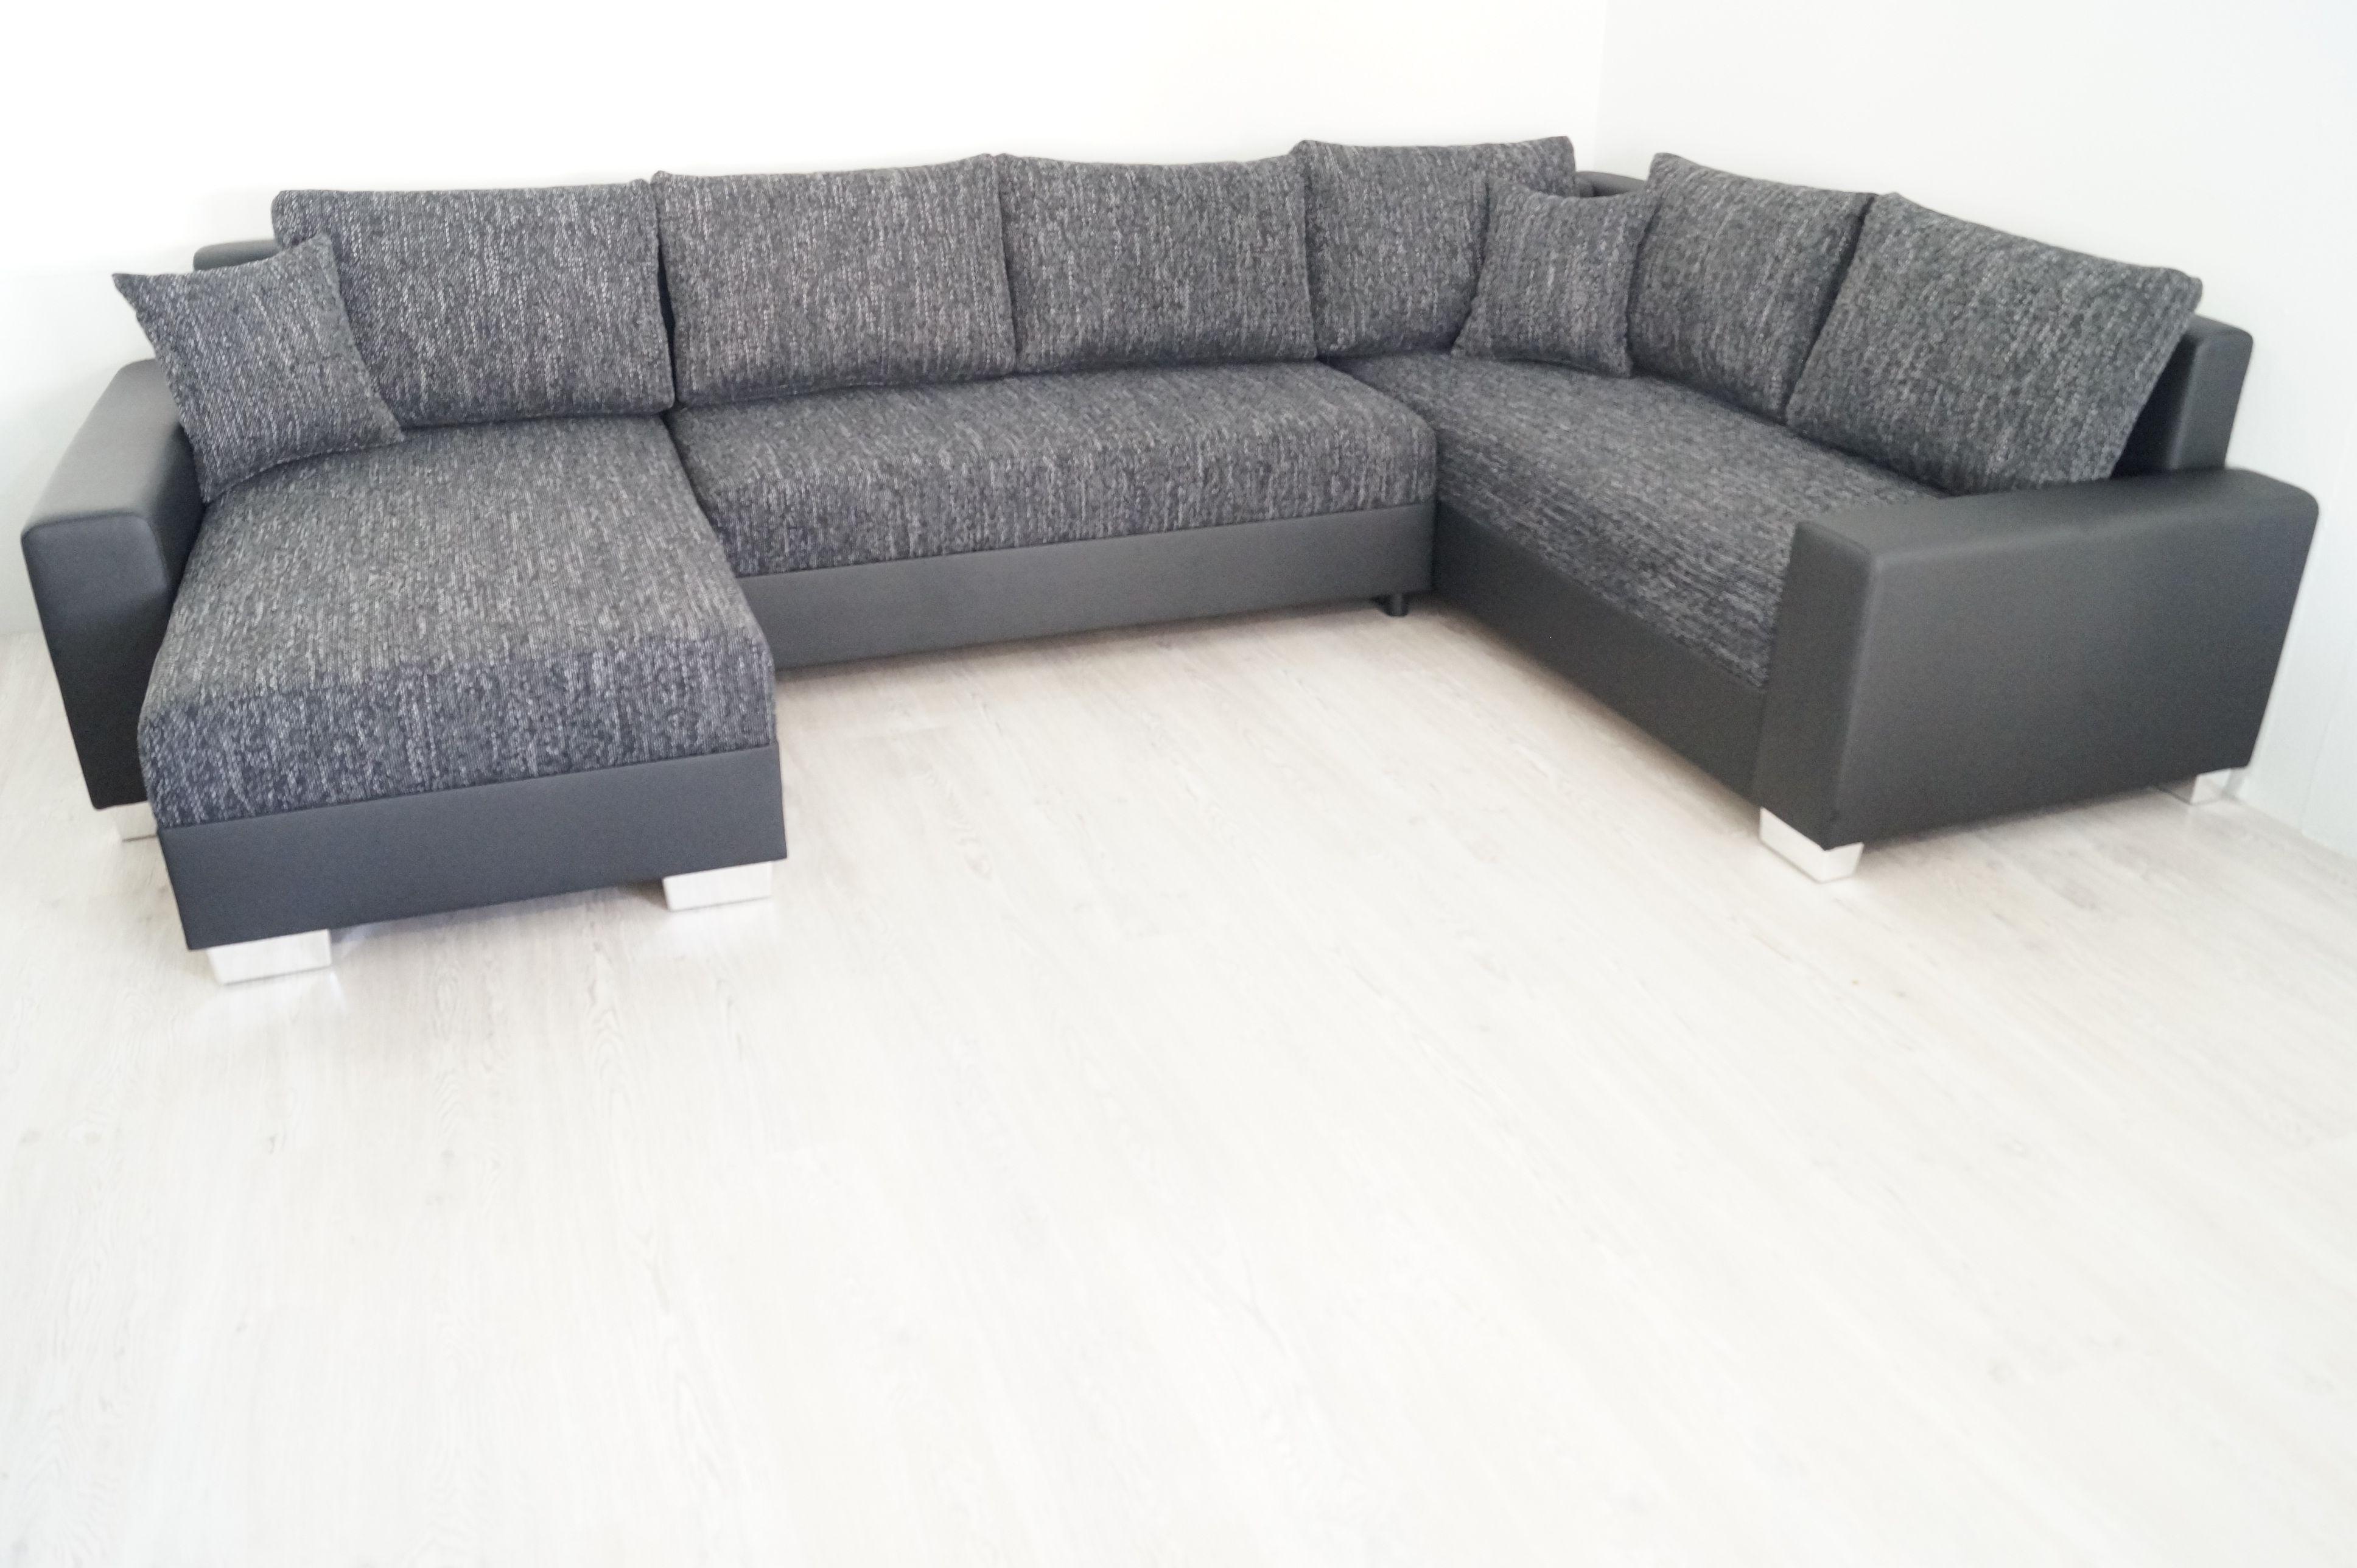 Www.sofa-günstig-kaufen.de Möbel SOFORT AUF LAGER… | www.sofa ...